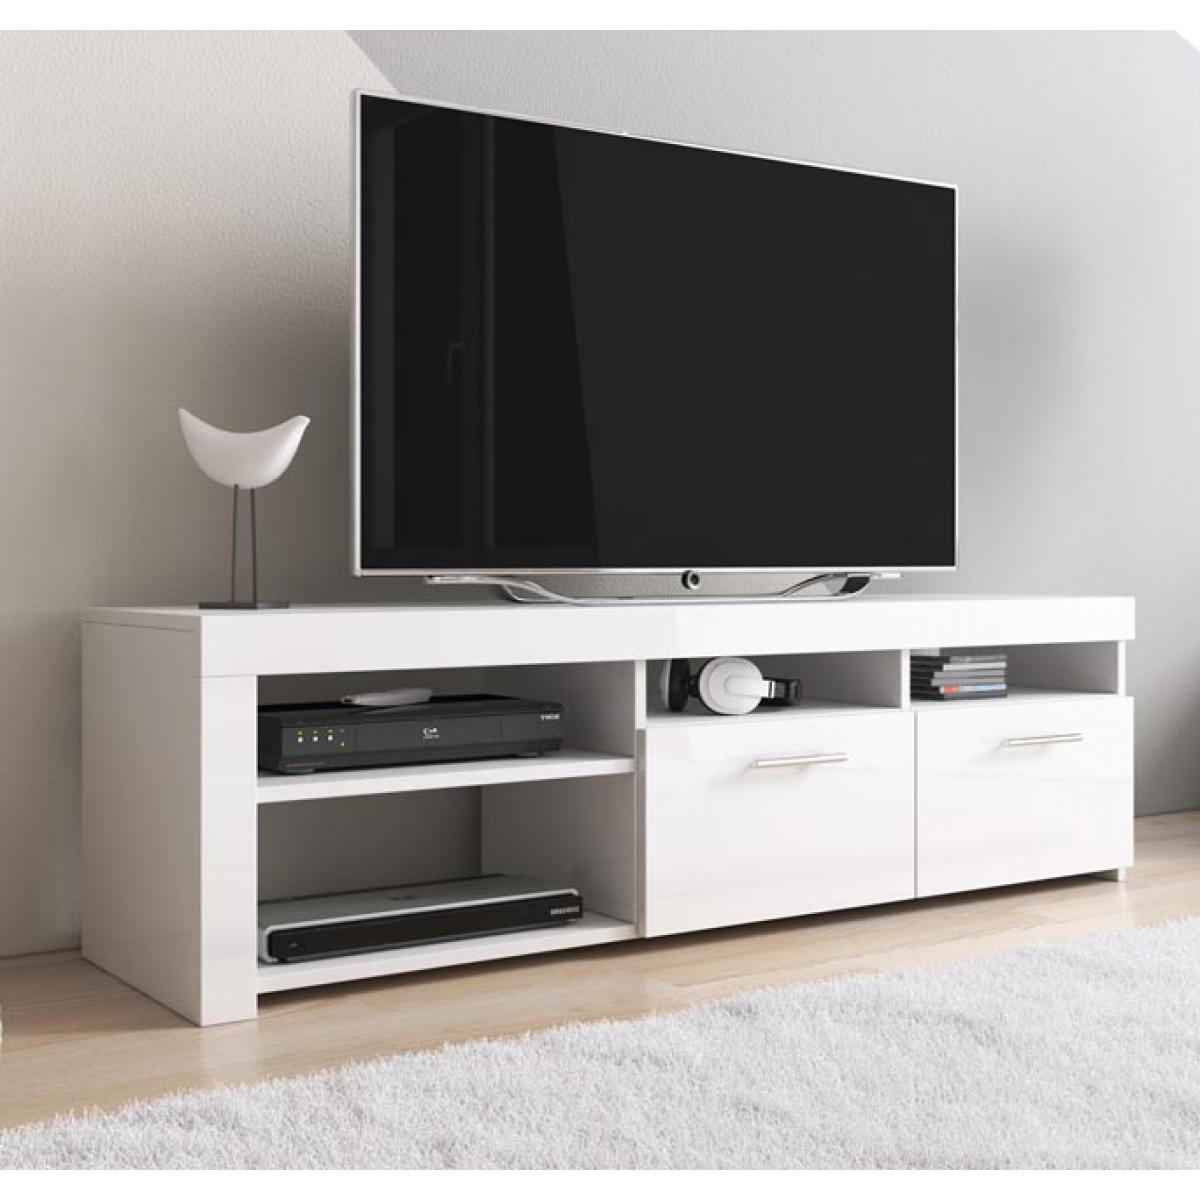 Design Ameublement Meuble TV modèle Clio (140x40cm) couleur blanc